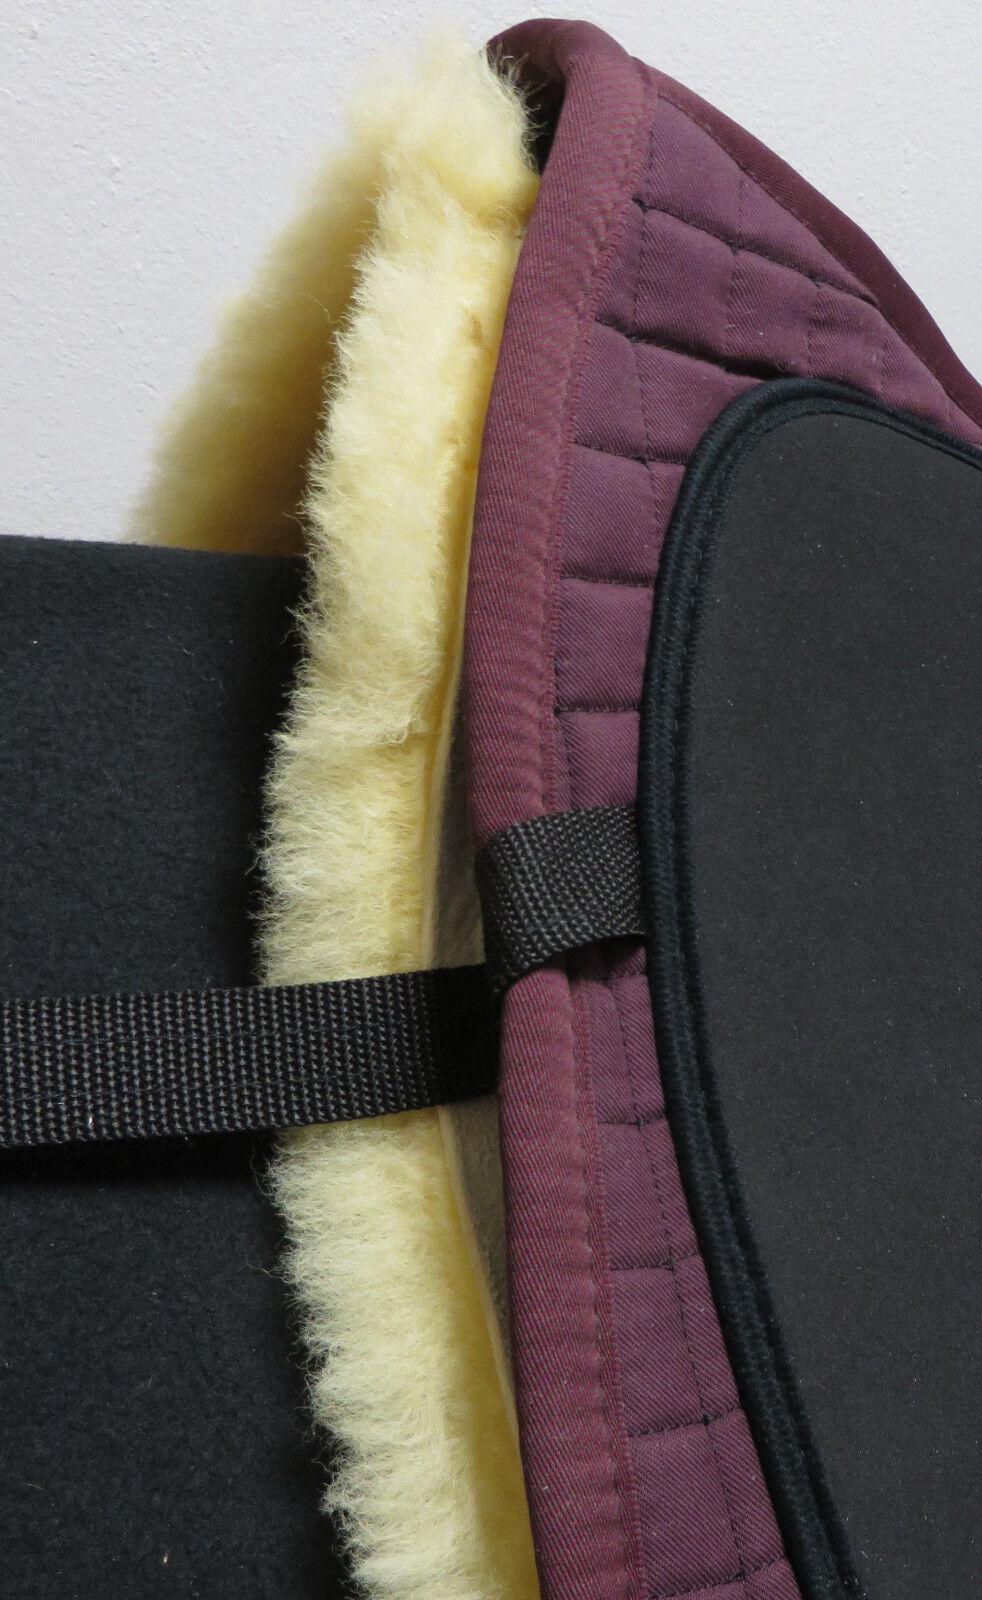 Barock Schabracke Walnuß polsterbaren Taschen Taschen Taschen Lammfell möglich Deuber&Partner 918c55